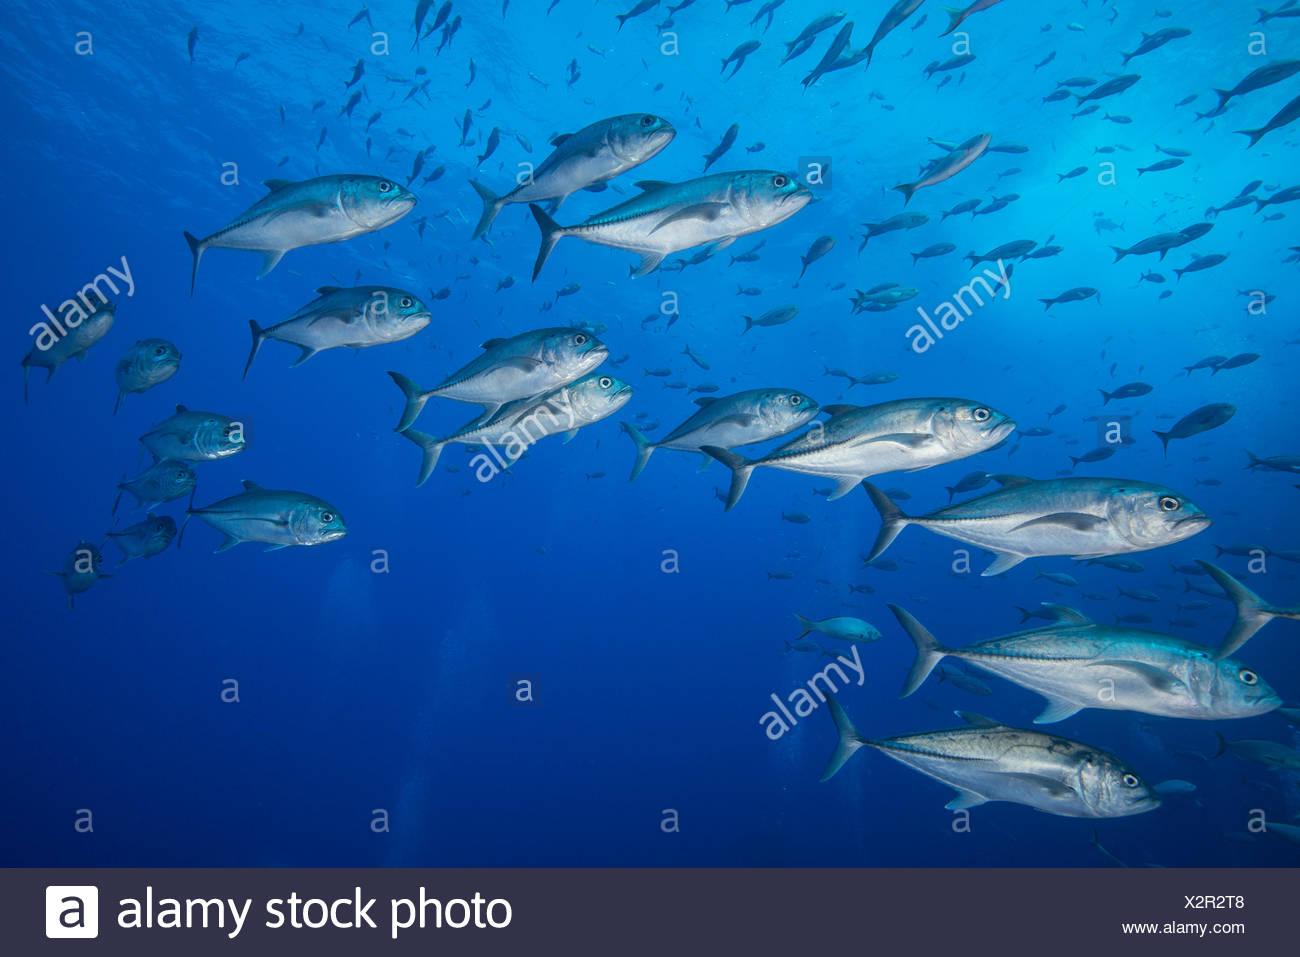 Blue eyed fish stock photos blue eyed fish stock images for One eyed fish